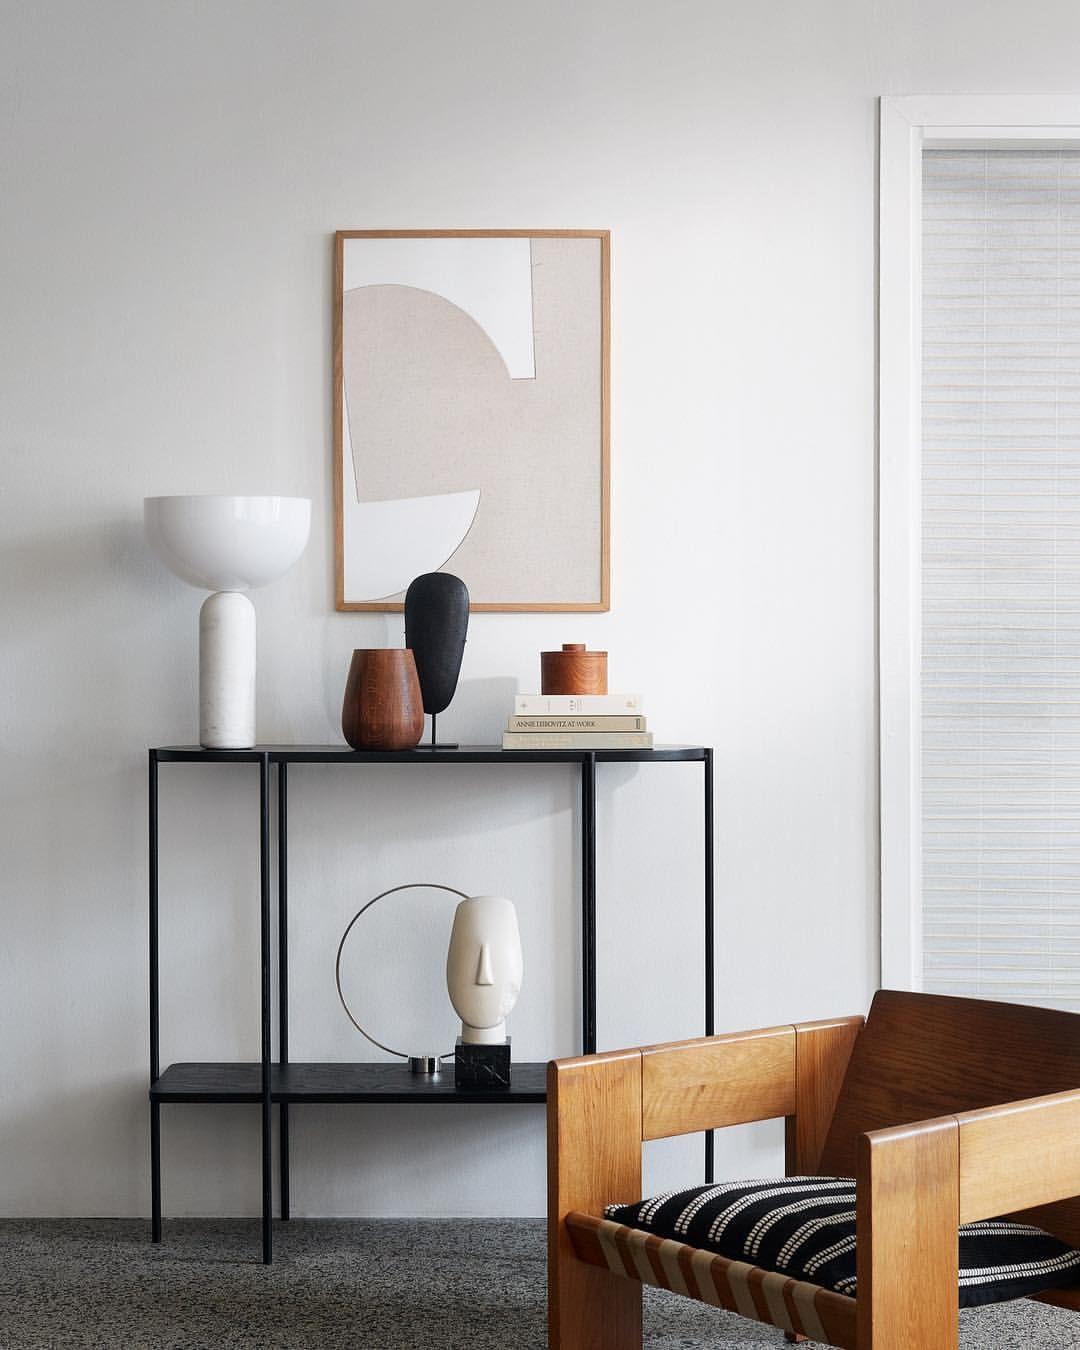 Pin By Yaskara Jaeger On Interiores Interieur Wohnzimmer Einrichtung